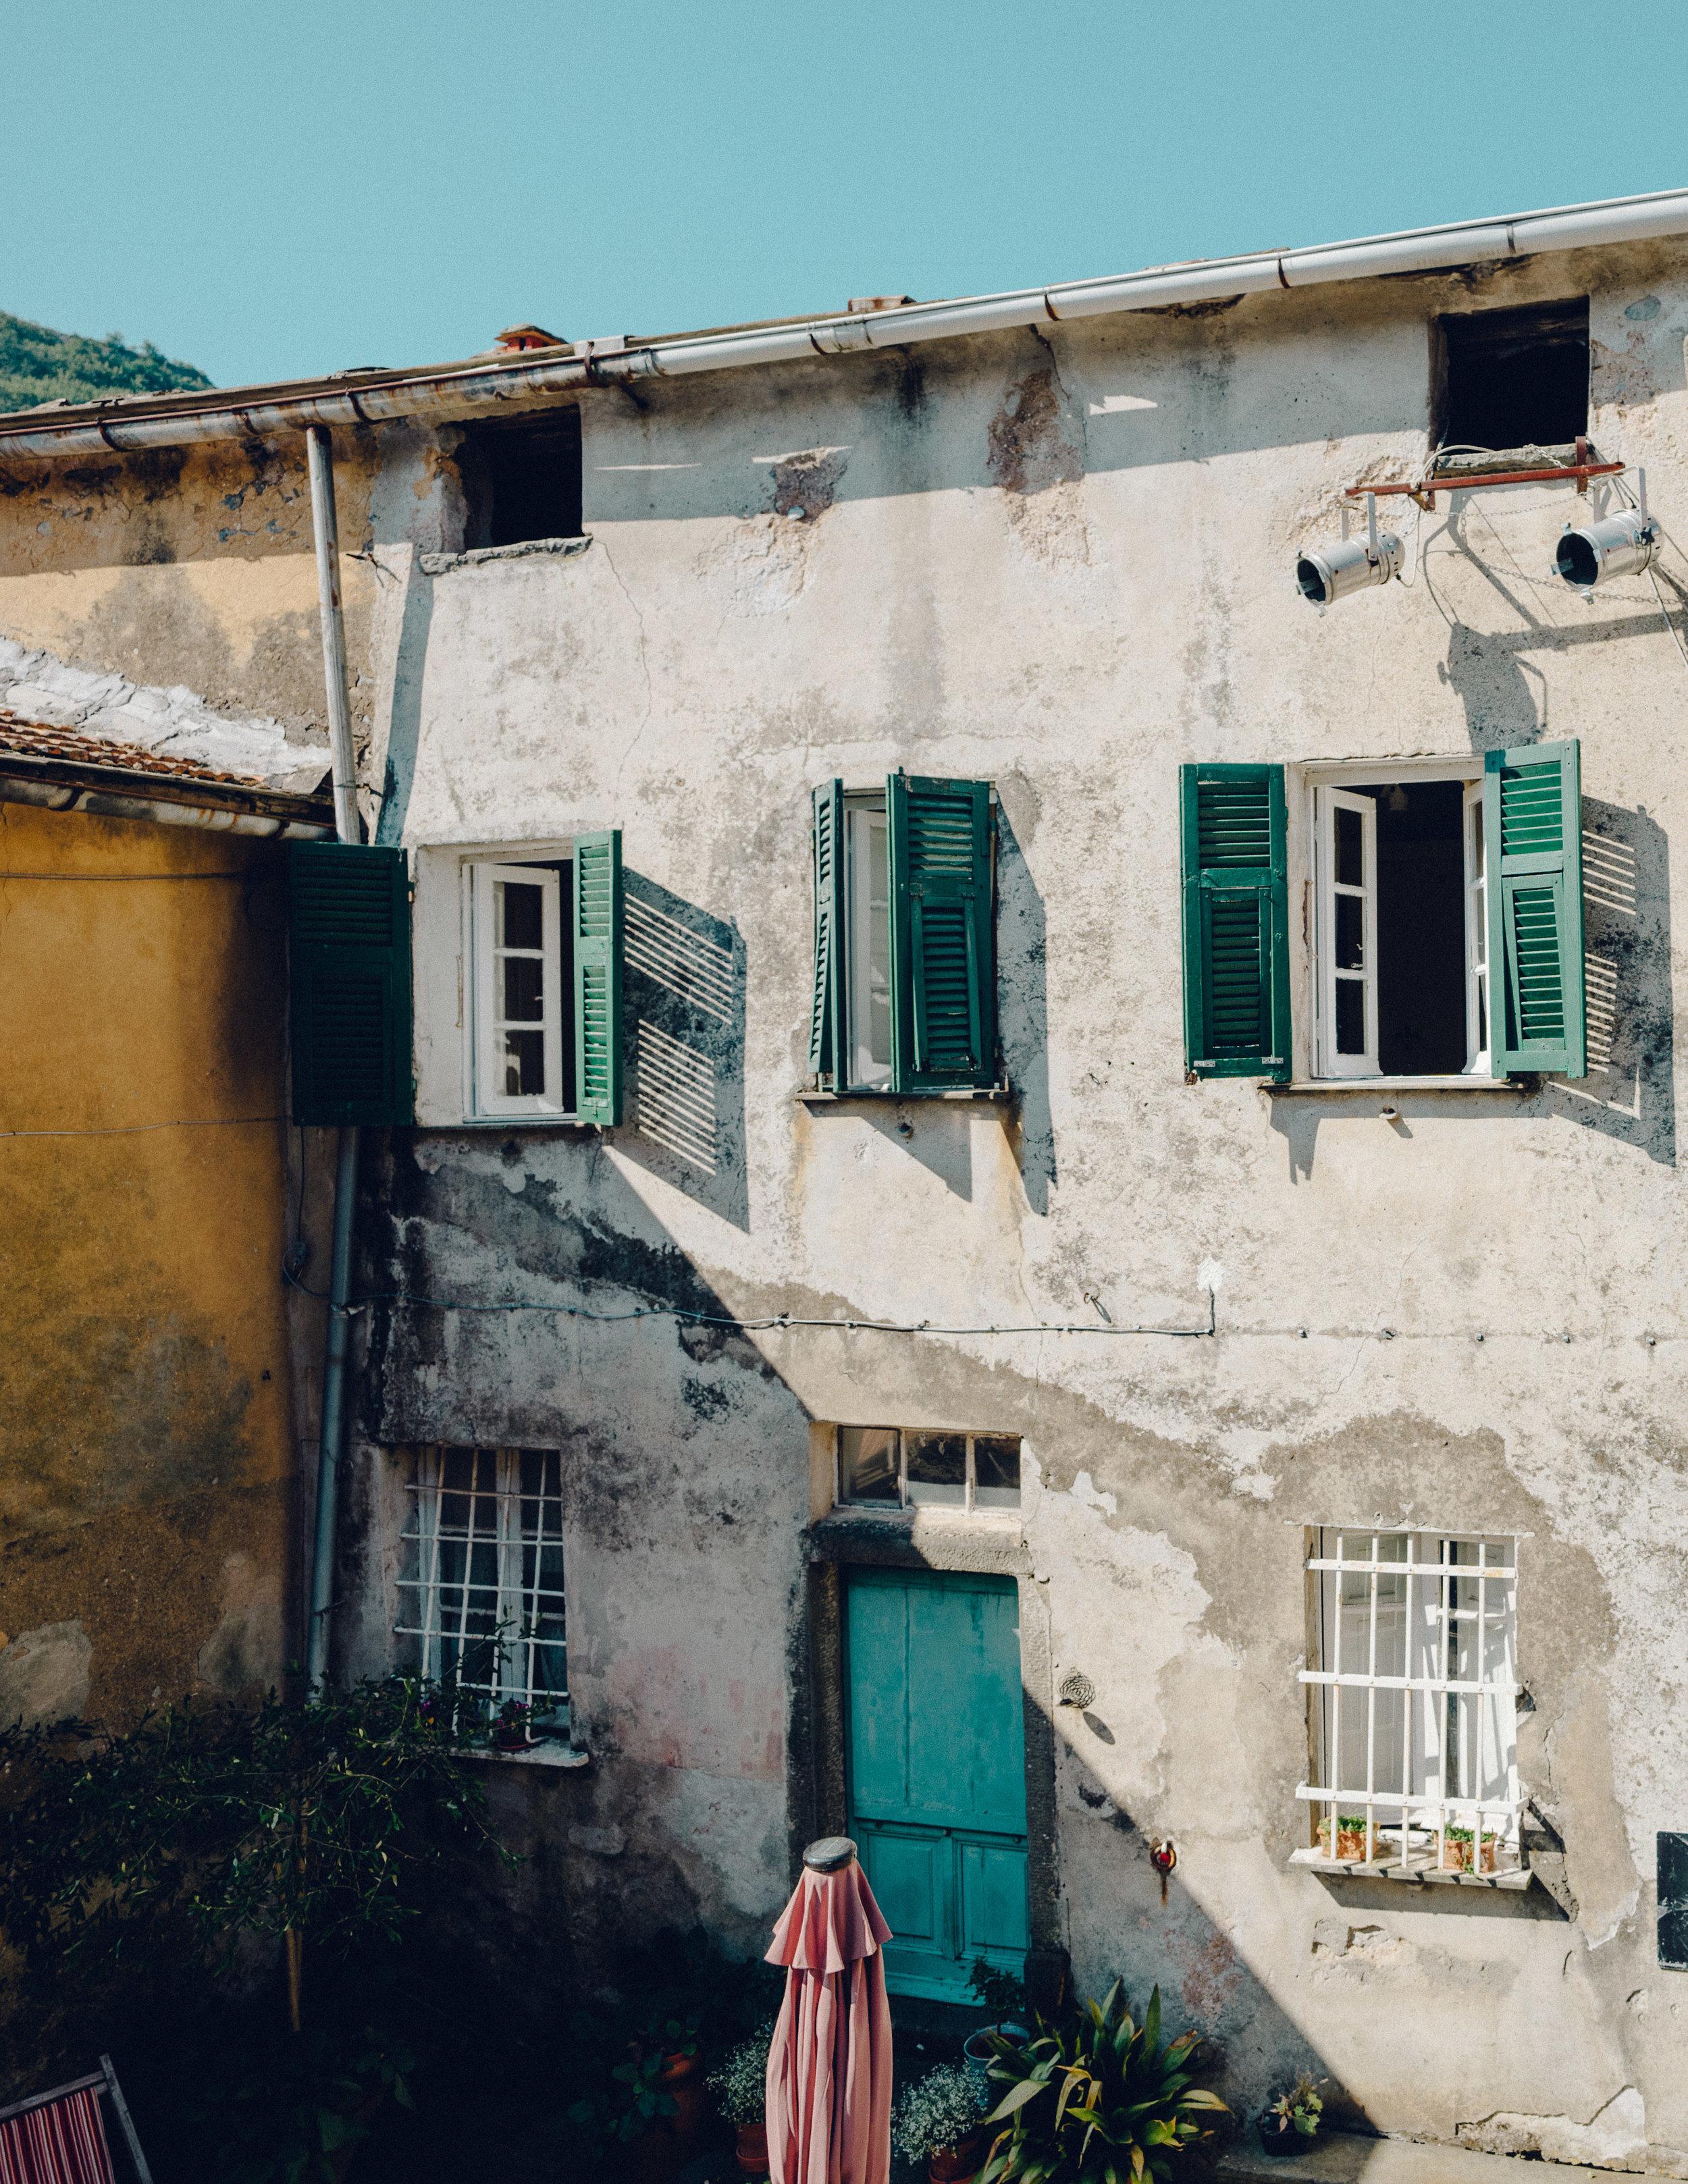 ASROSENVINGE_Roadtrip_Italy_Cinque_Terre_Caste-07747.jpg